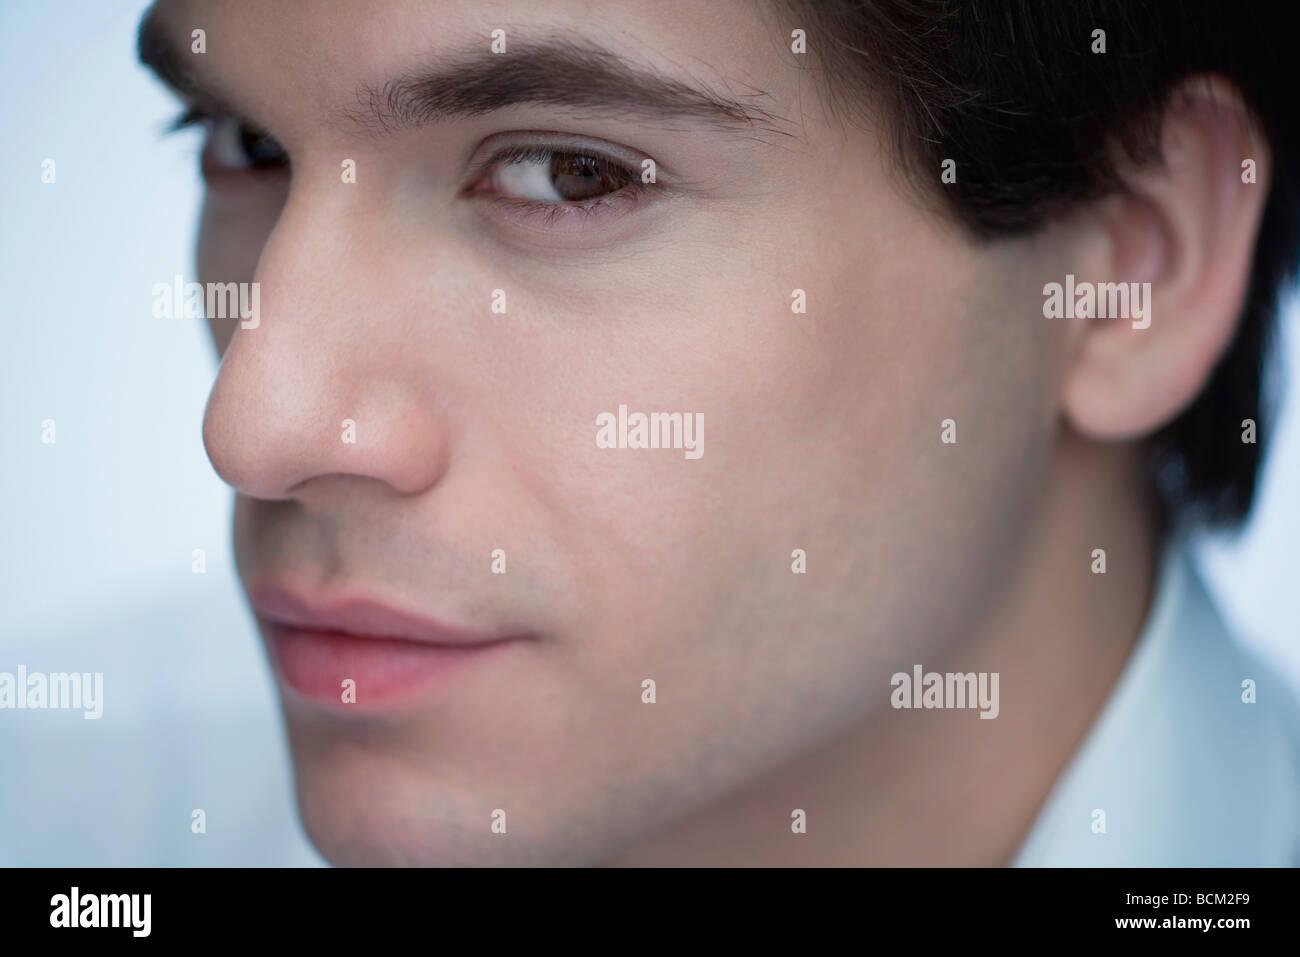 Young man glancing sideways at camera, close-up - Stock Image